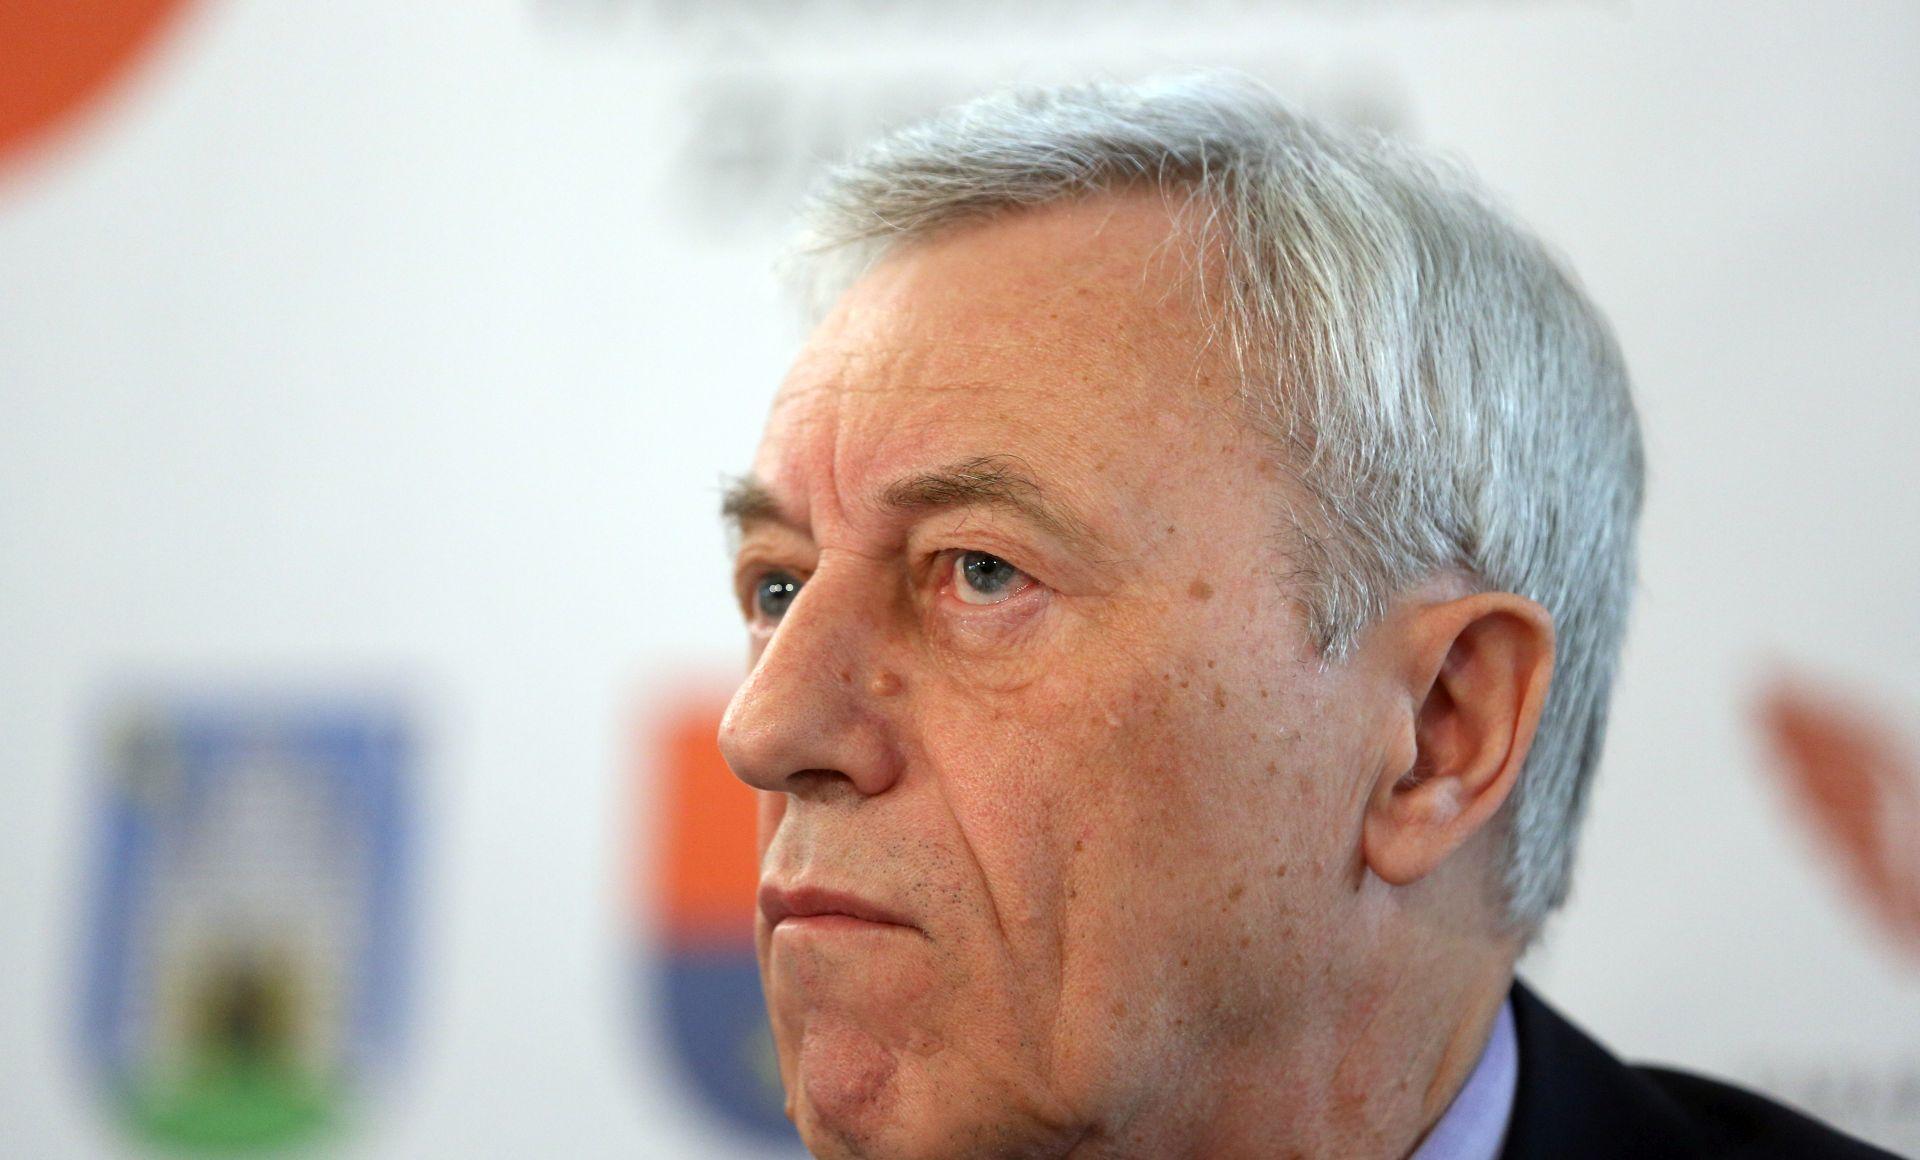 Kožić istupio iz HSS-a i osnovao svoju stranku